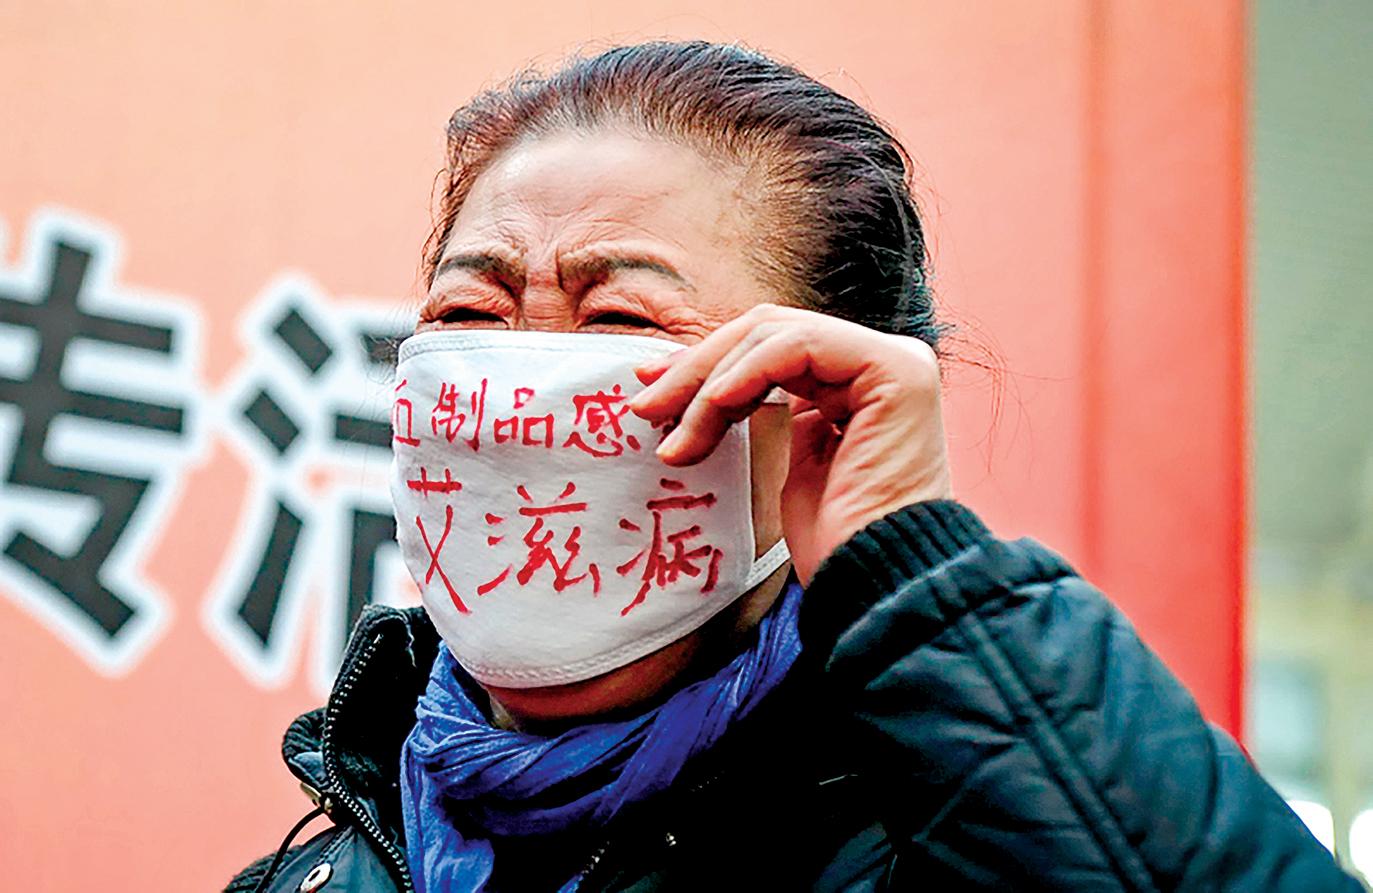 「世界愛滋病日」前夕,中共衛生部前官員再揭「河南血禍」真相。(AFP)